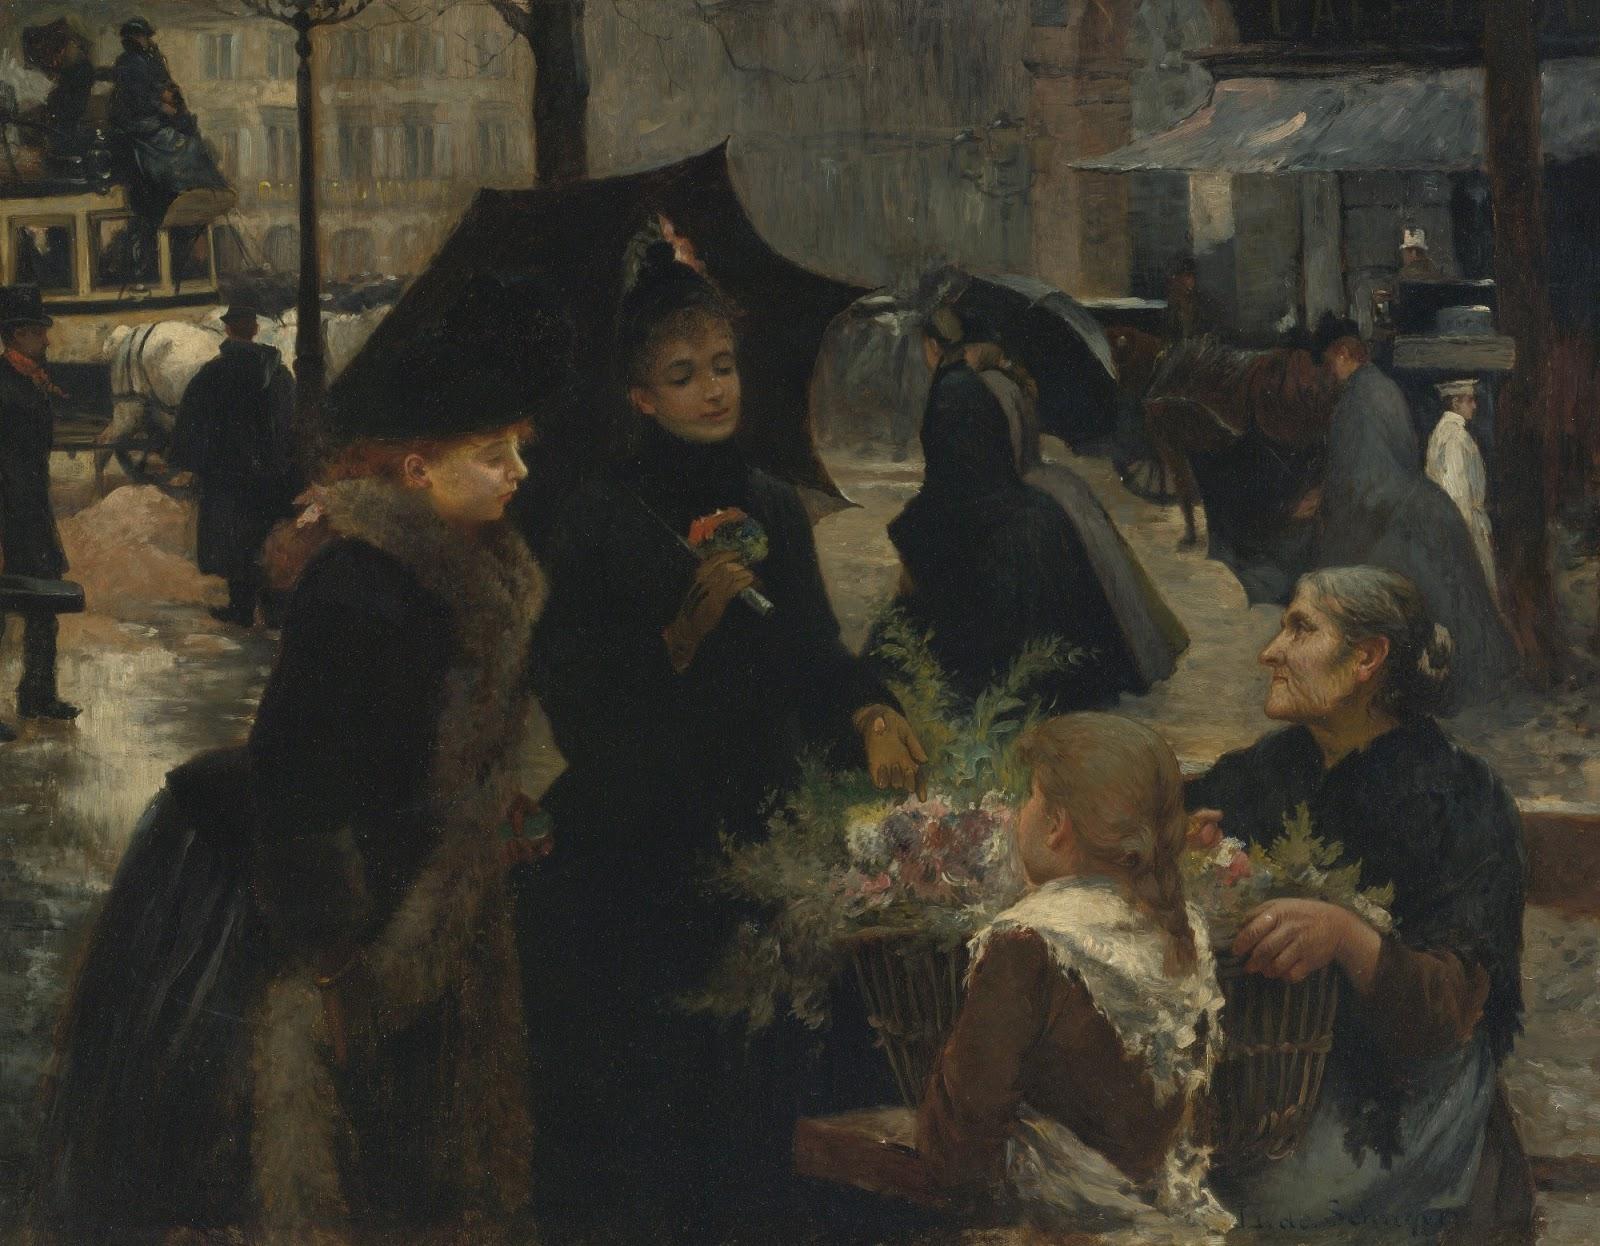 Immagini Belle Da Dipingere louis de schryver | the flower seller | la belle Époque